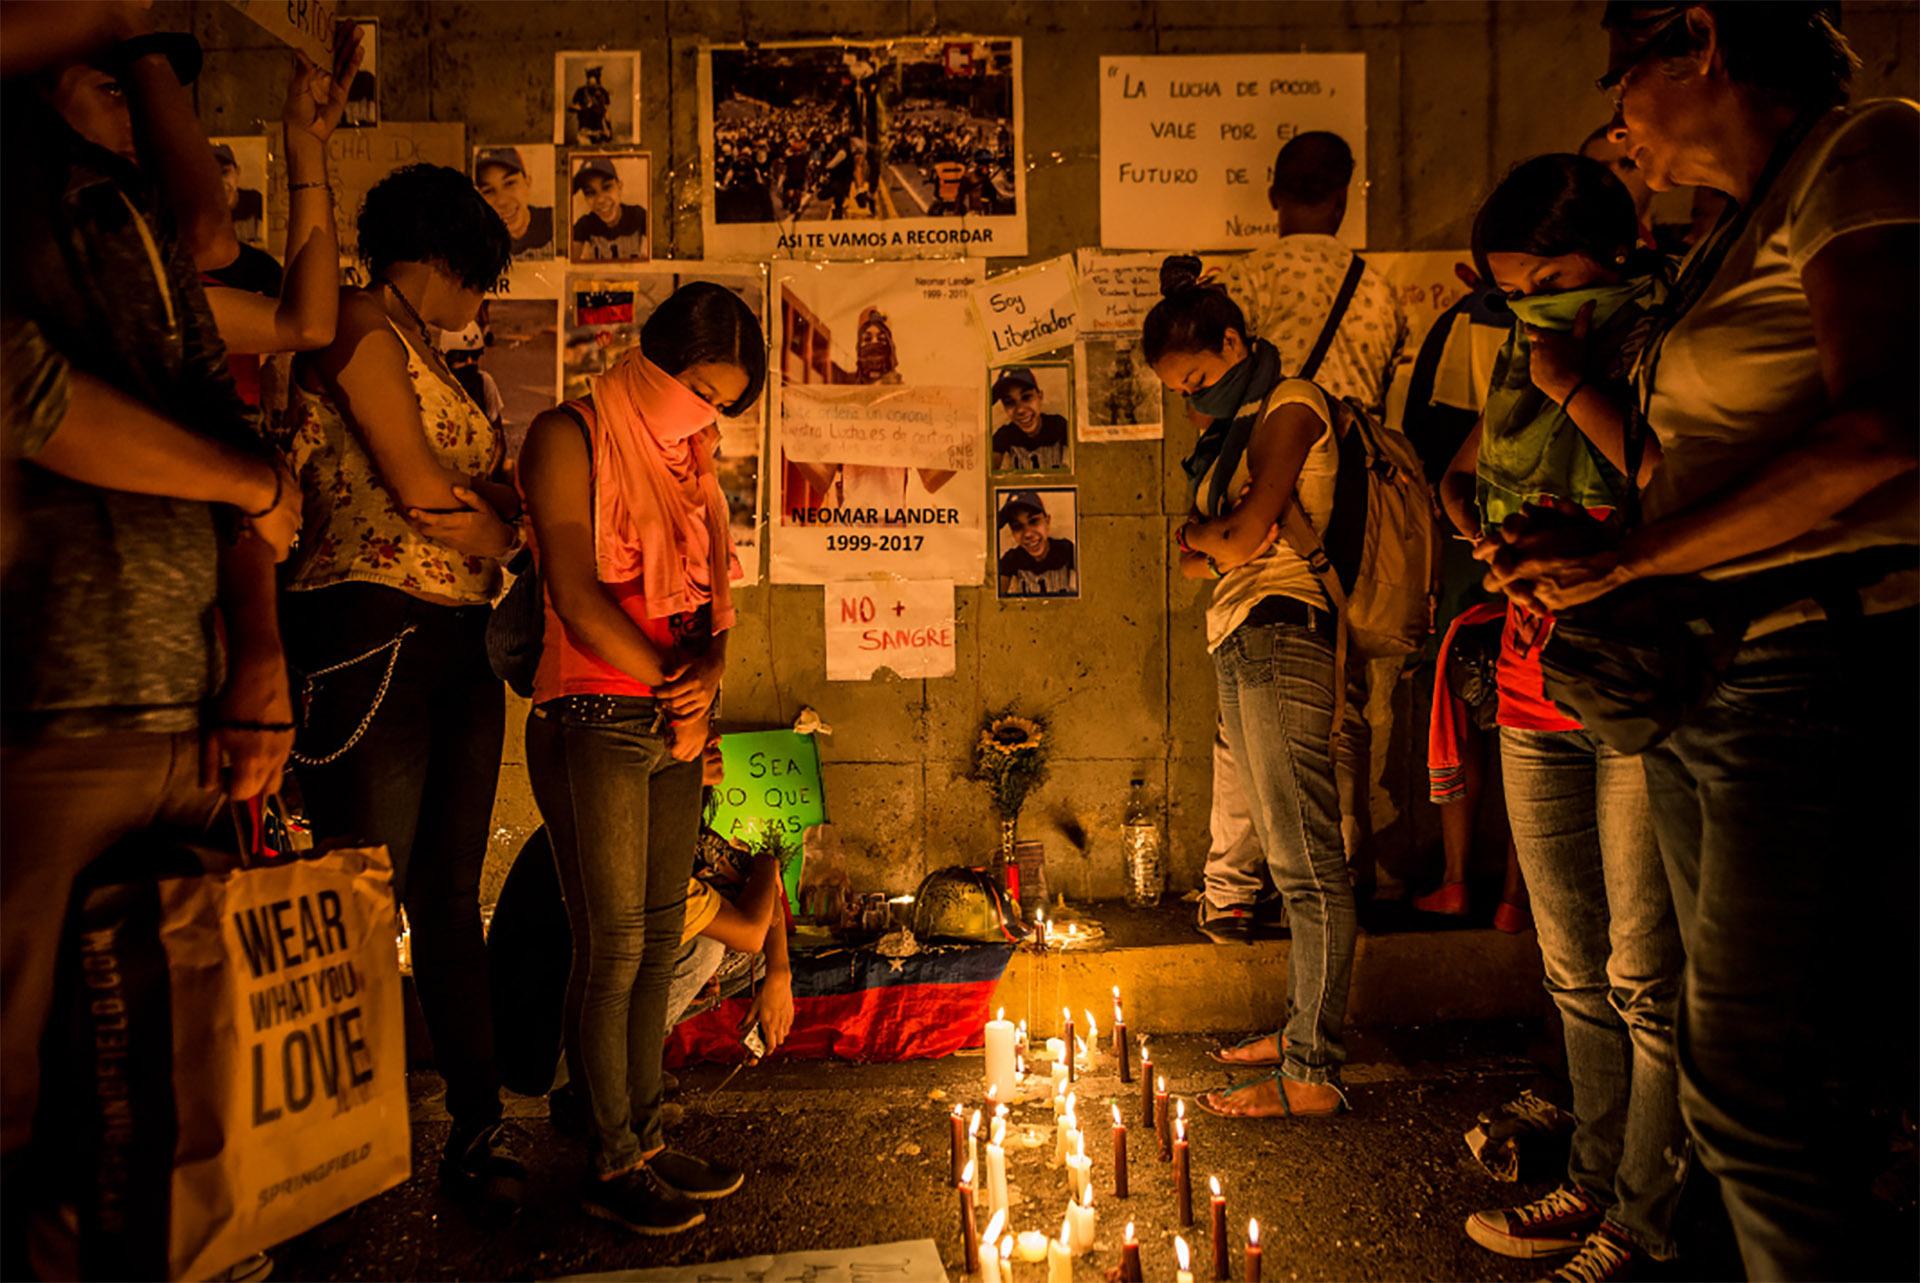 Oración dedicada a Neomar Lander, un estudiante de 17 años asesinado por la Guardia Nacional el 7 de junio (Meridith Kohut for The New York Times)